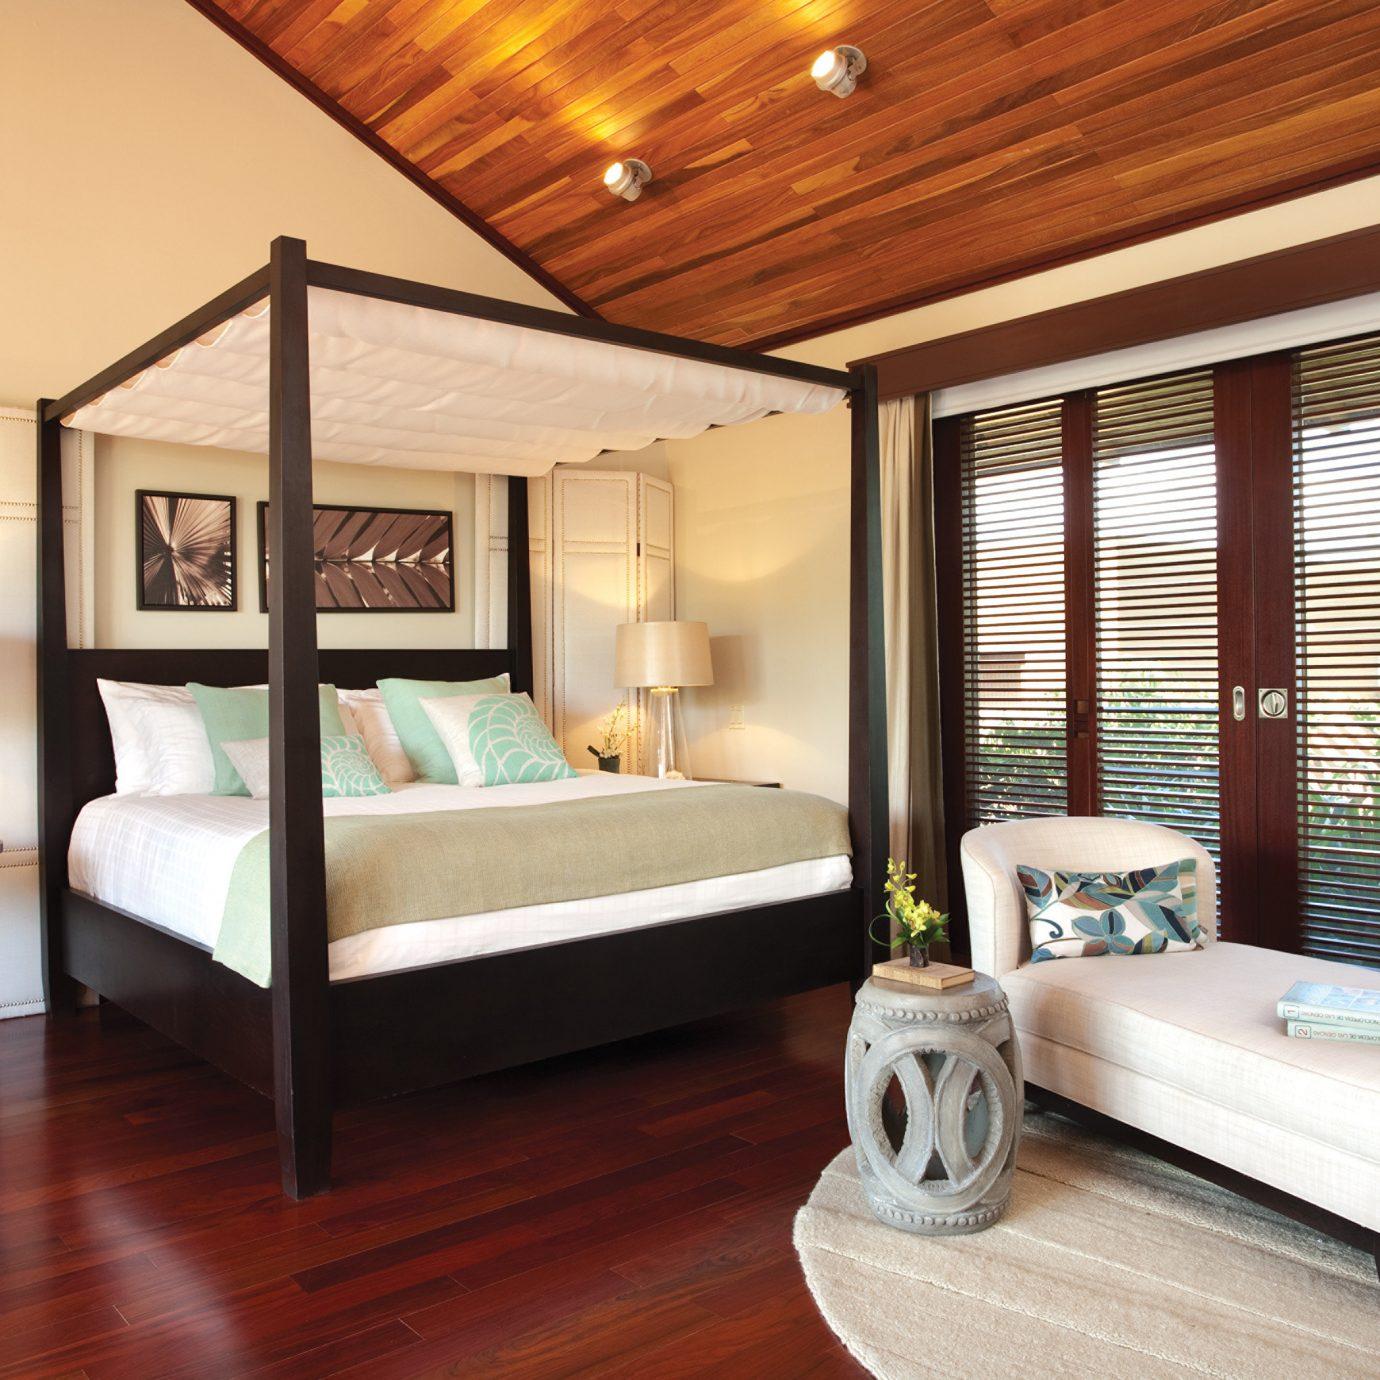 Bedroom Elegant Luxury Suite property living room home hardwood cottage wood flooring bed frame